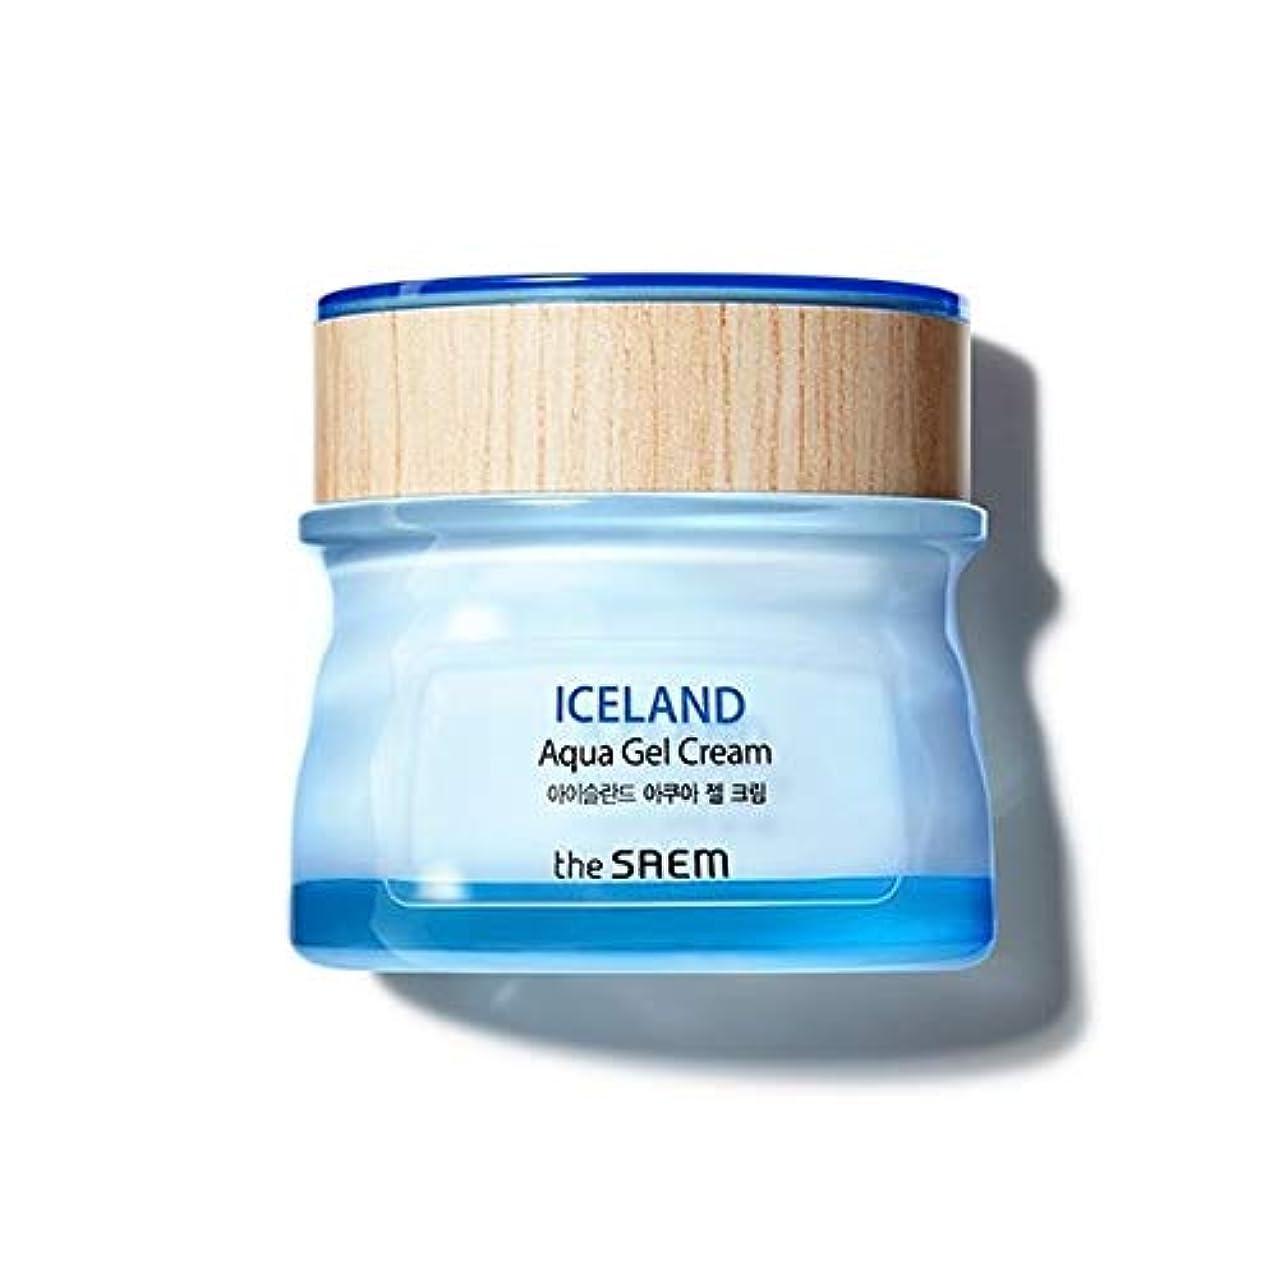 爆発ひらめき皿The saem Iceland Aqua Gel Cream ザセム アイスランド アクア ジェル クリーム 60ml [並行輸入品]